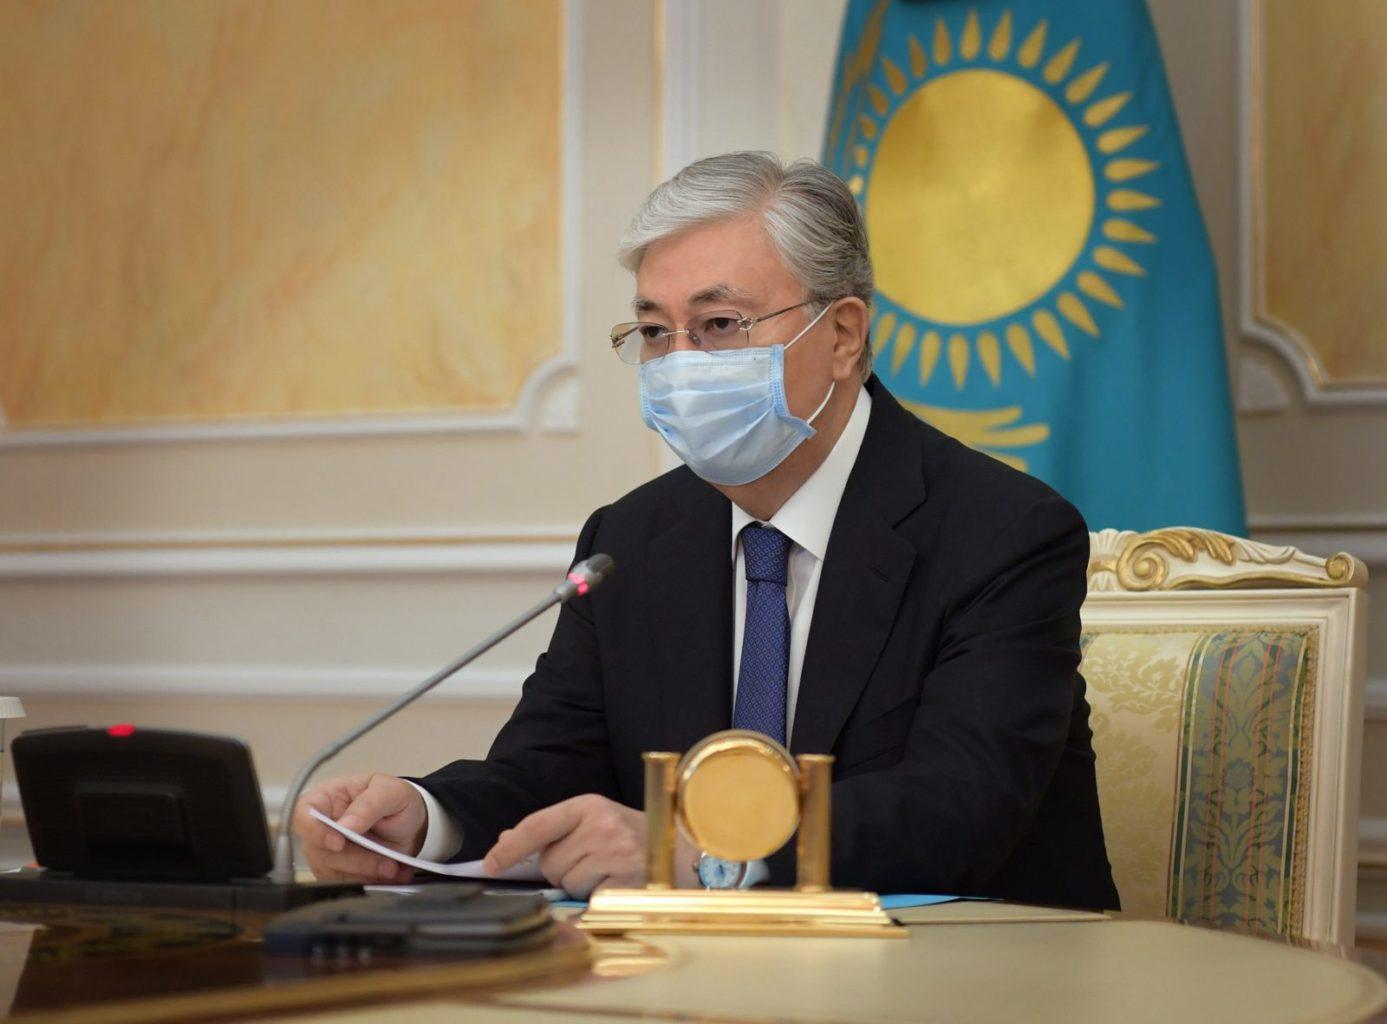 Касым-Жомарт Токаев запретил условно-досрочное освобождение для коррупционеров